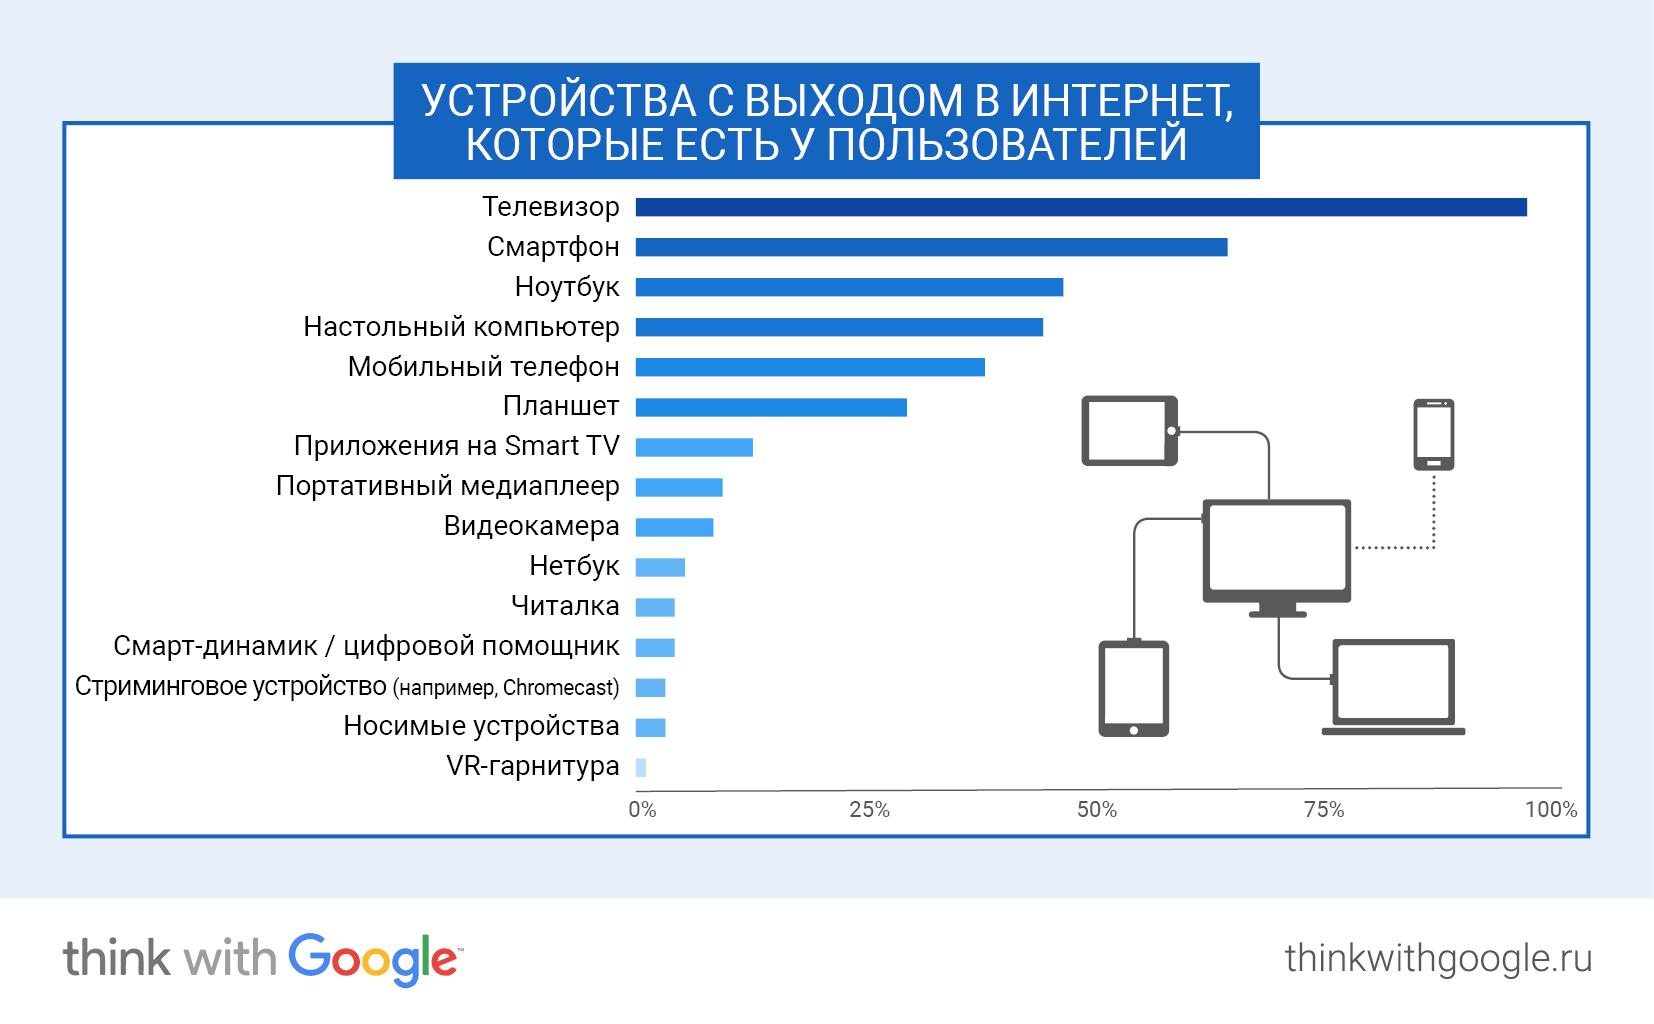 Ключевые онлайн-привычки россиян в 2017 году